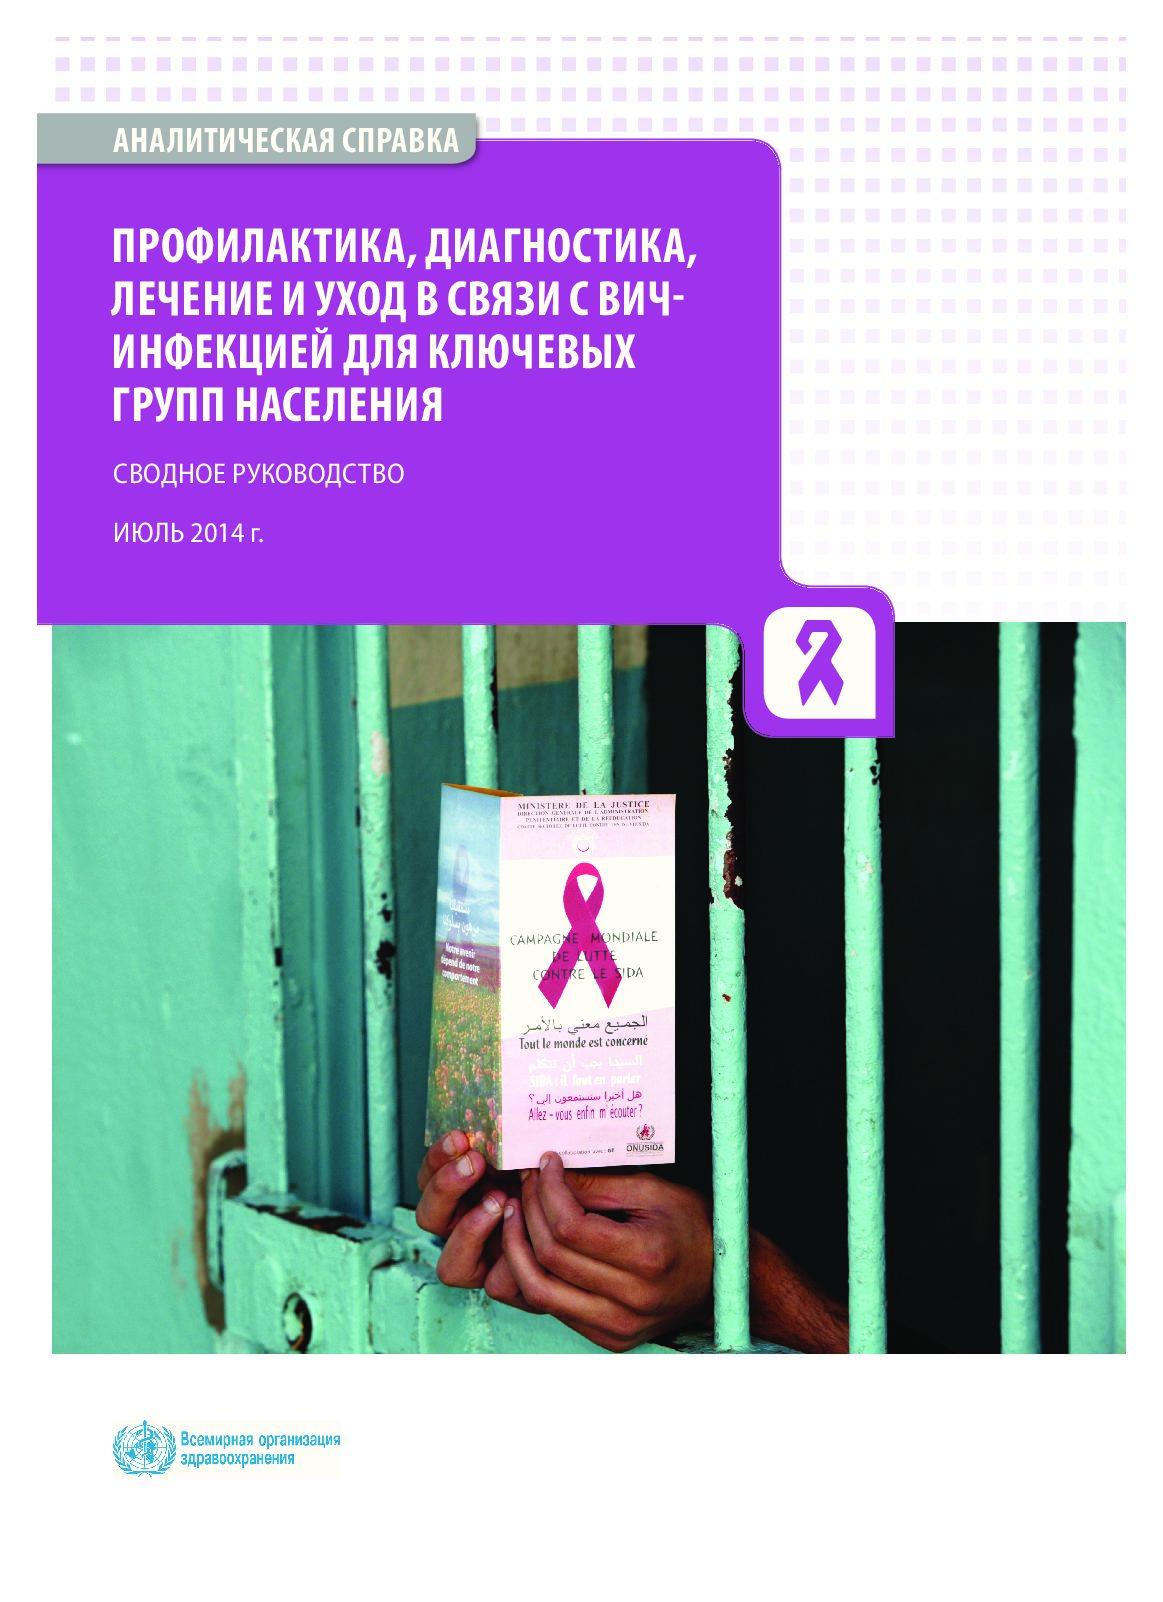 Профилактика, диагностика, лечение и уход в связи с ВИЧ-инфекцией для ключевых групп населения.